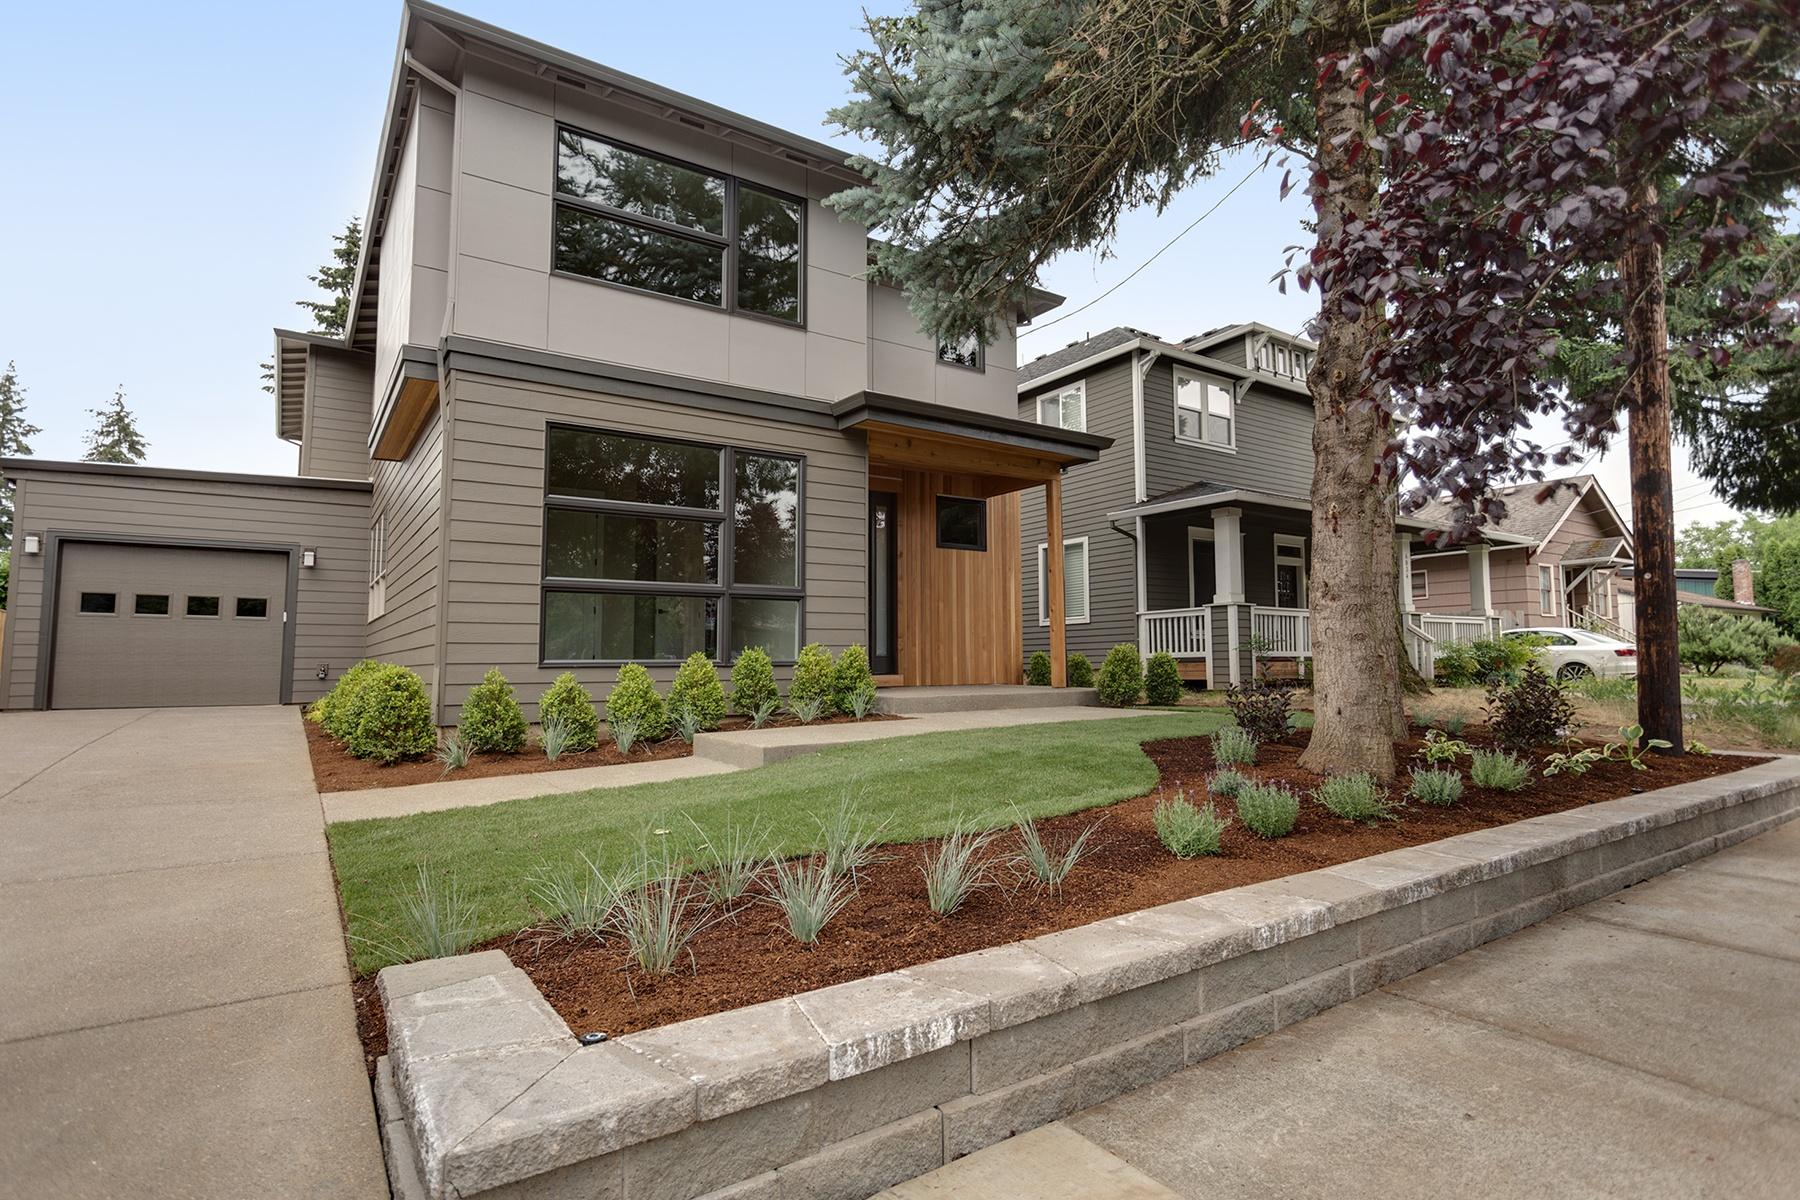 独户住宅 为 销售 在 4856 SE Ogden ST, PORTLAND 波特兰, 俄勒冈州, 97206 美国